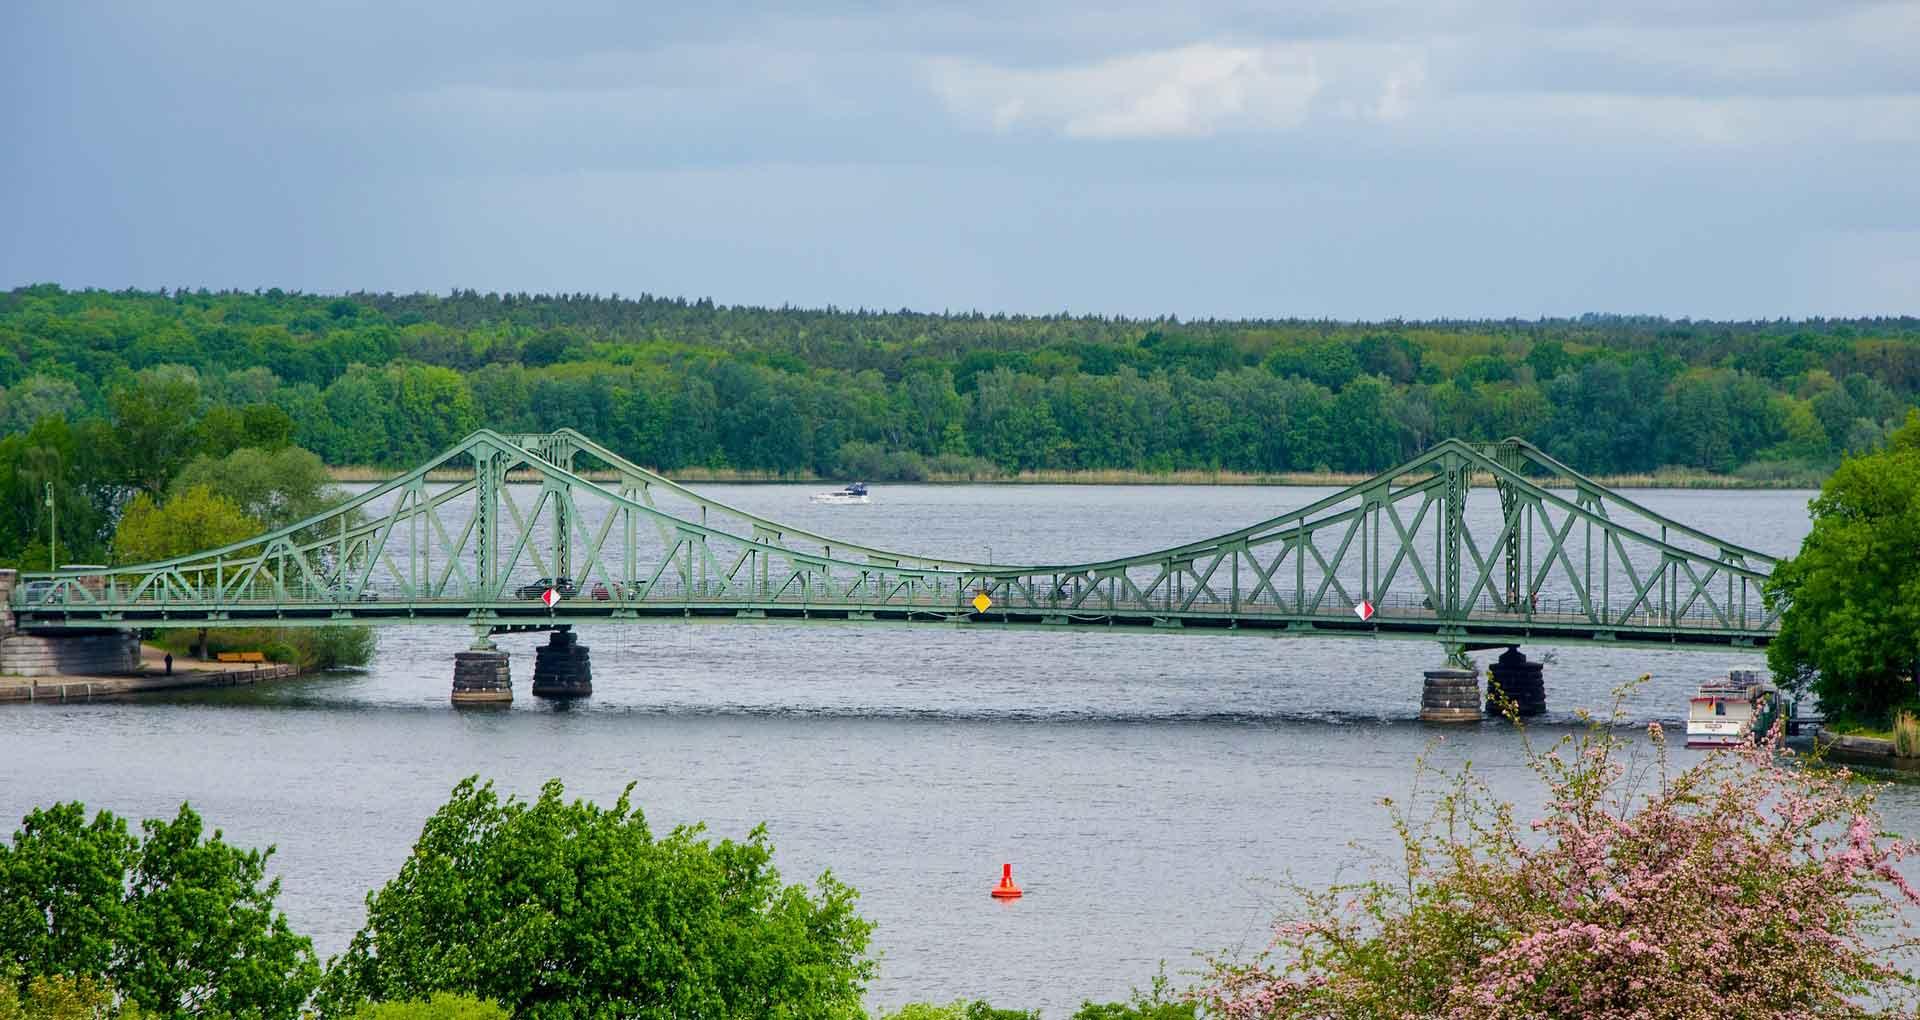 De Glienicker Brücke over de Havel: hier werden spionnen uitgewisseld tussen de DDR en BRD.